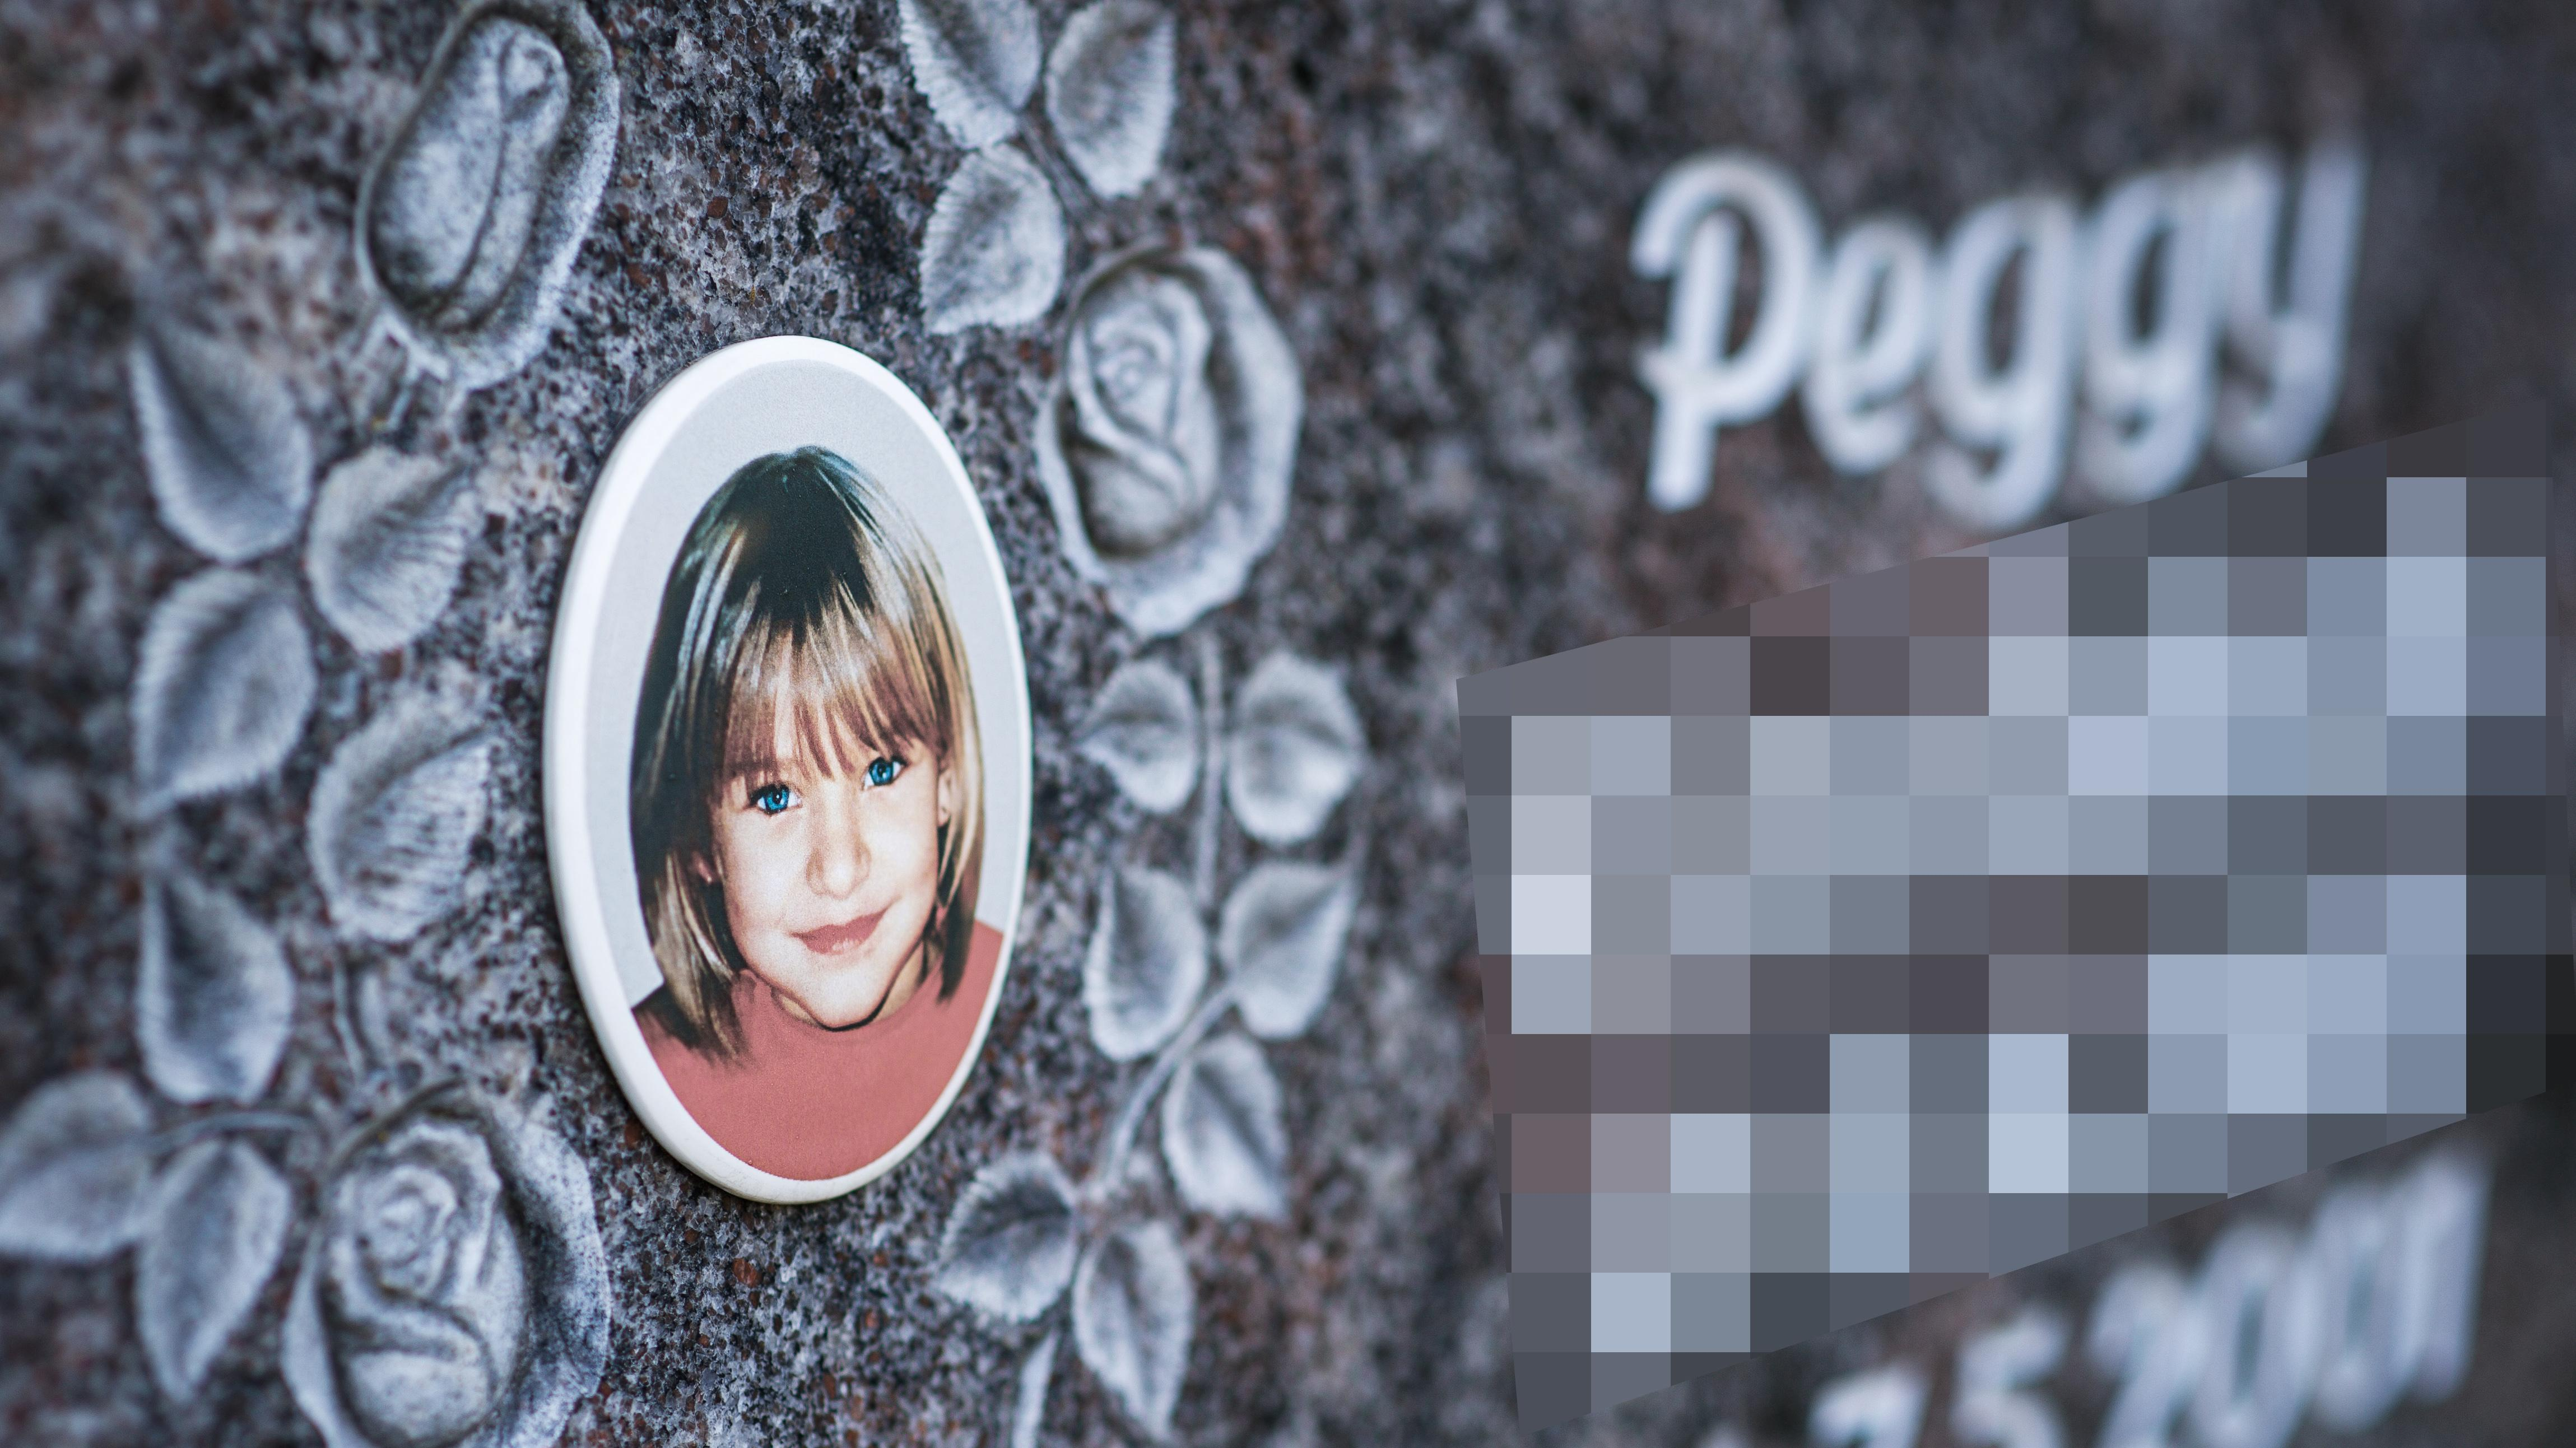 Der Grabstein von Peggy auf dem Friedhof in Nordhalben